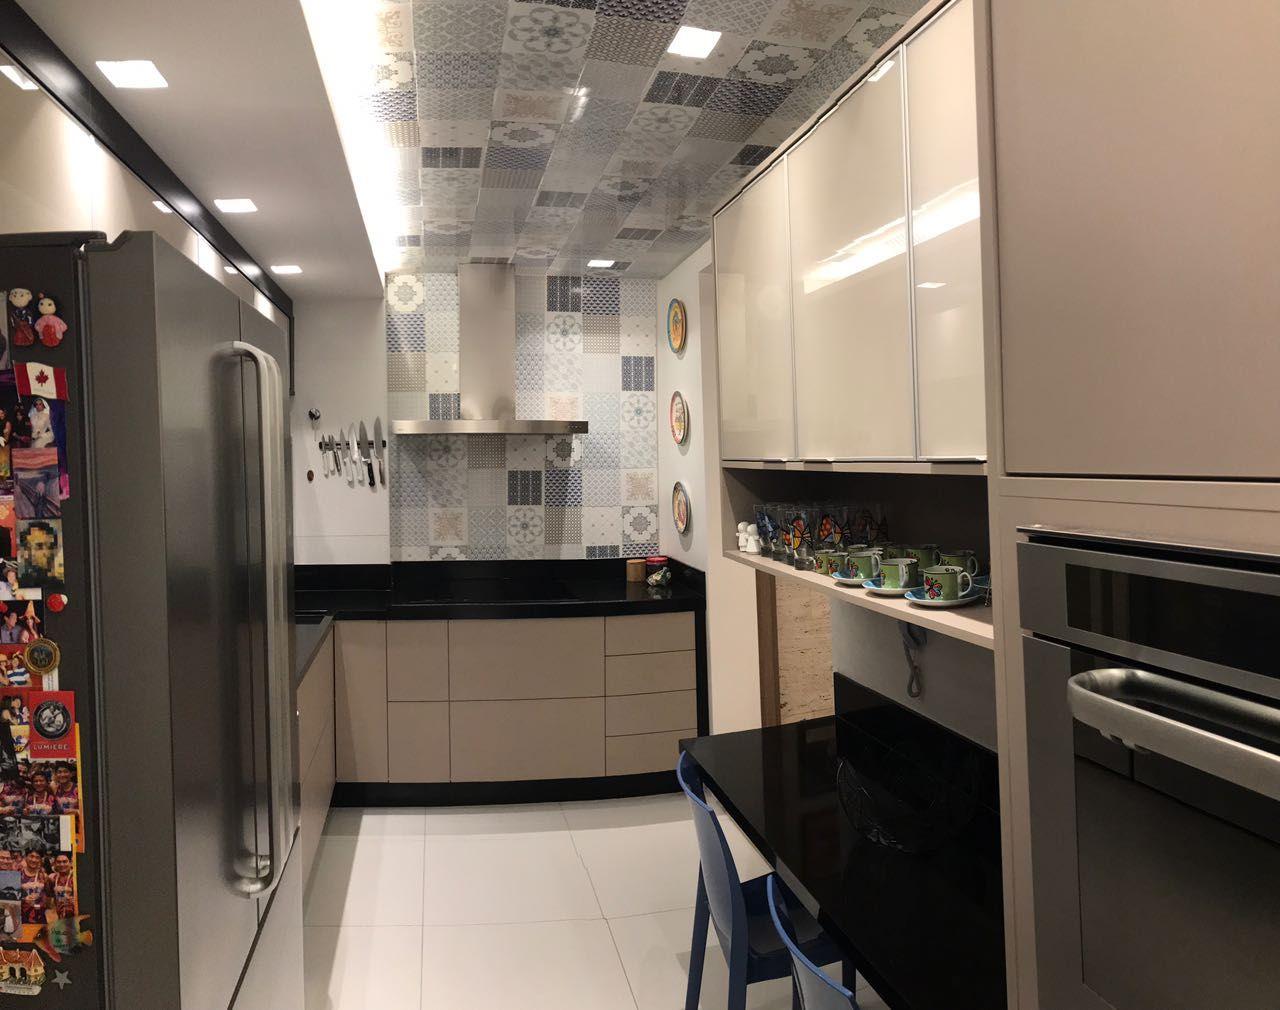 Cozinha Moderna Com Azulejos Decorativos No Teto De Ana Cinthia